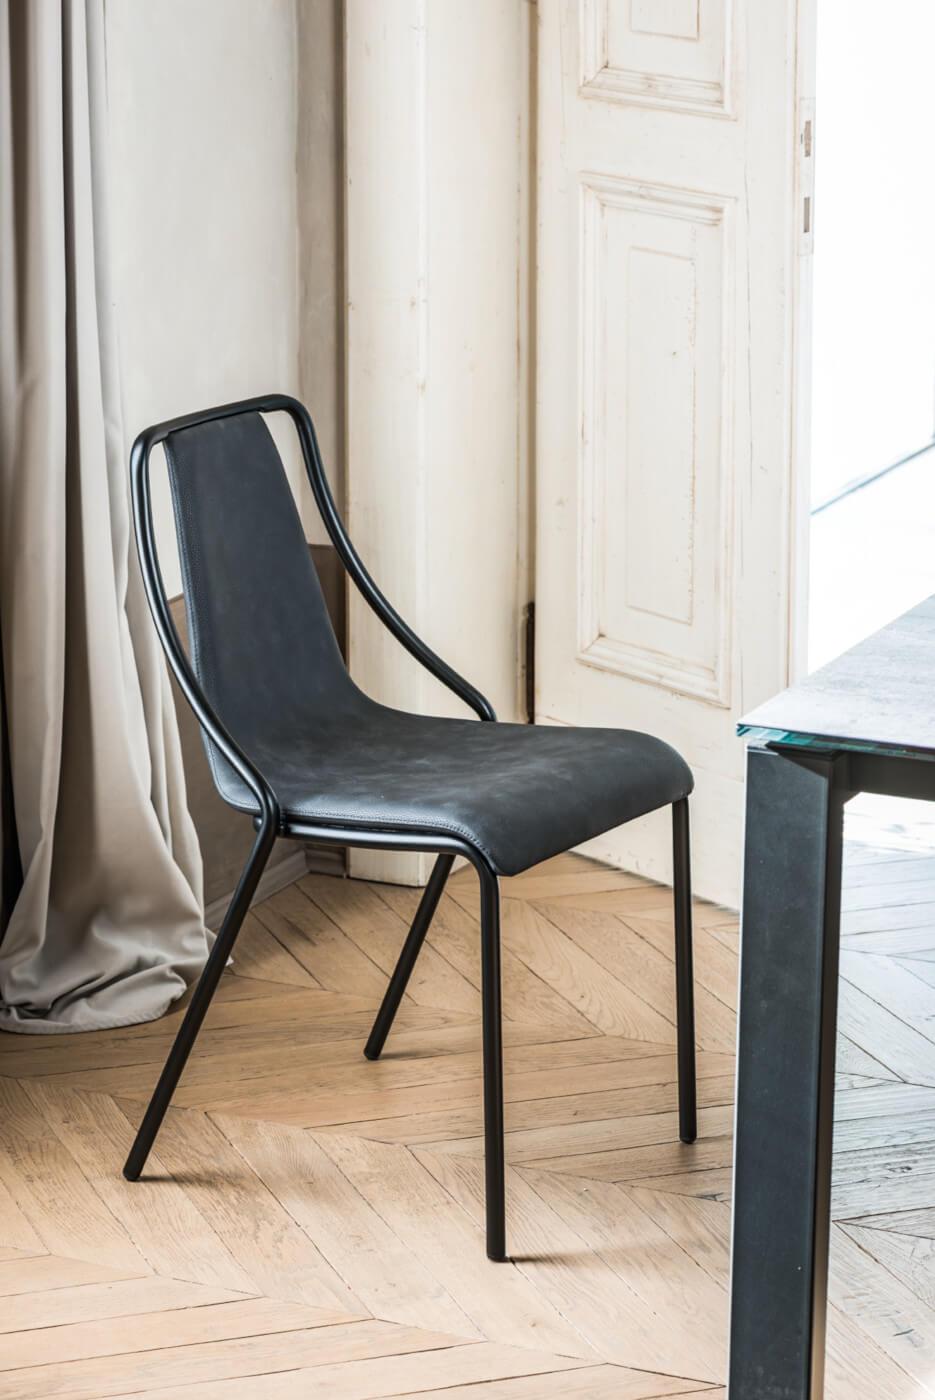 Sedia Ola con seduta in tessuto nero e base in metallo nero